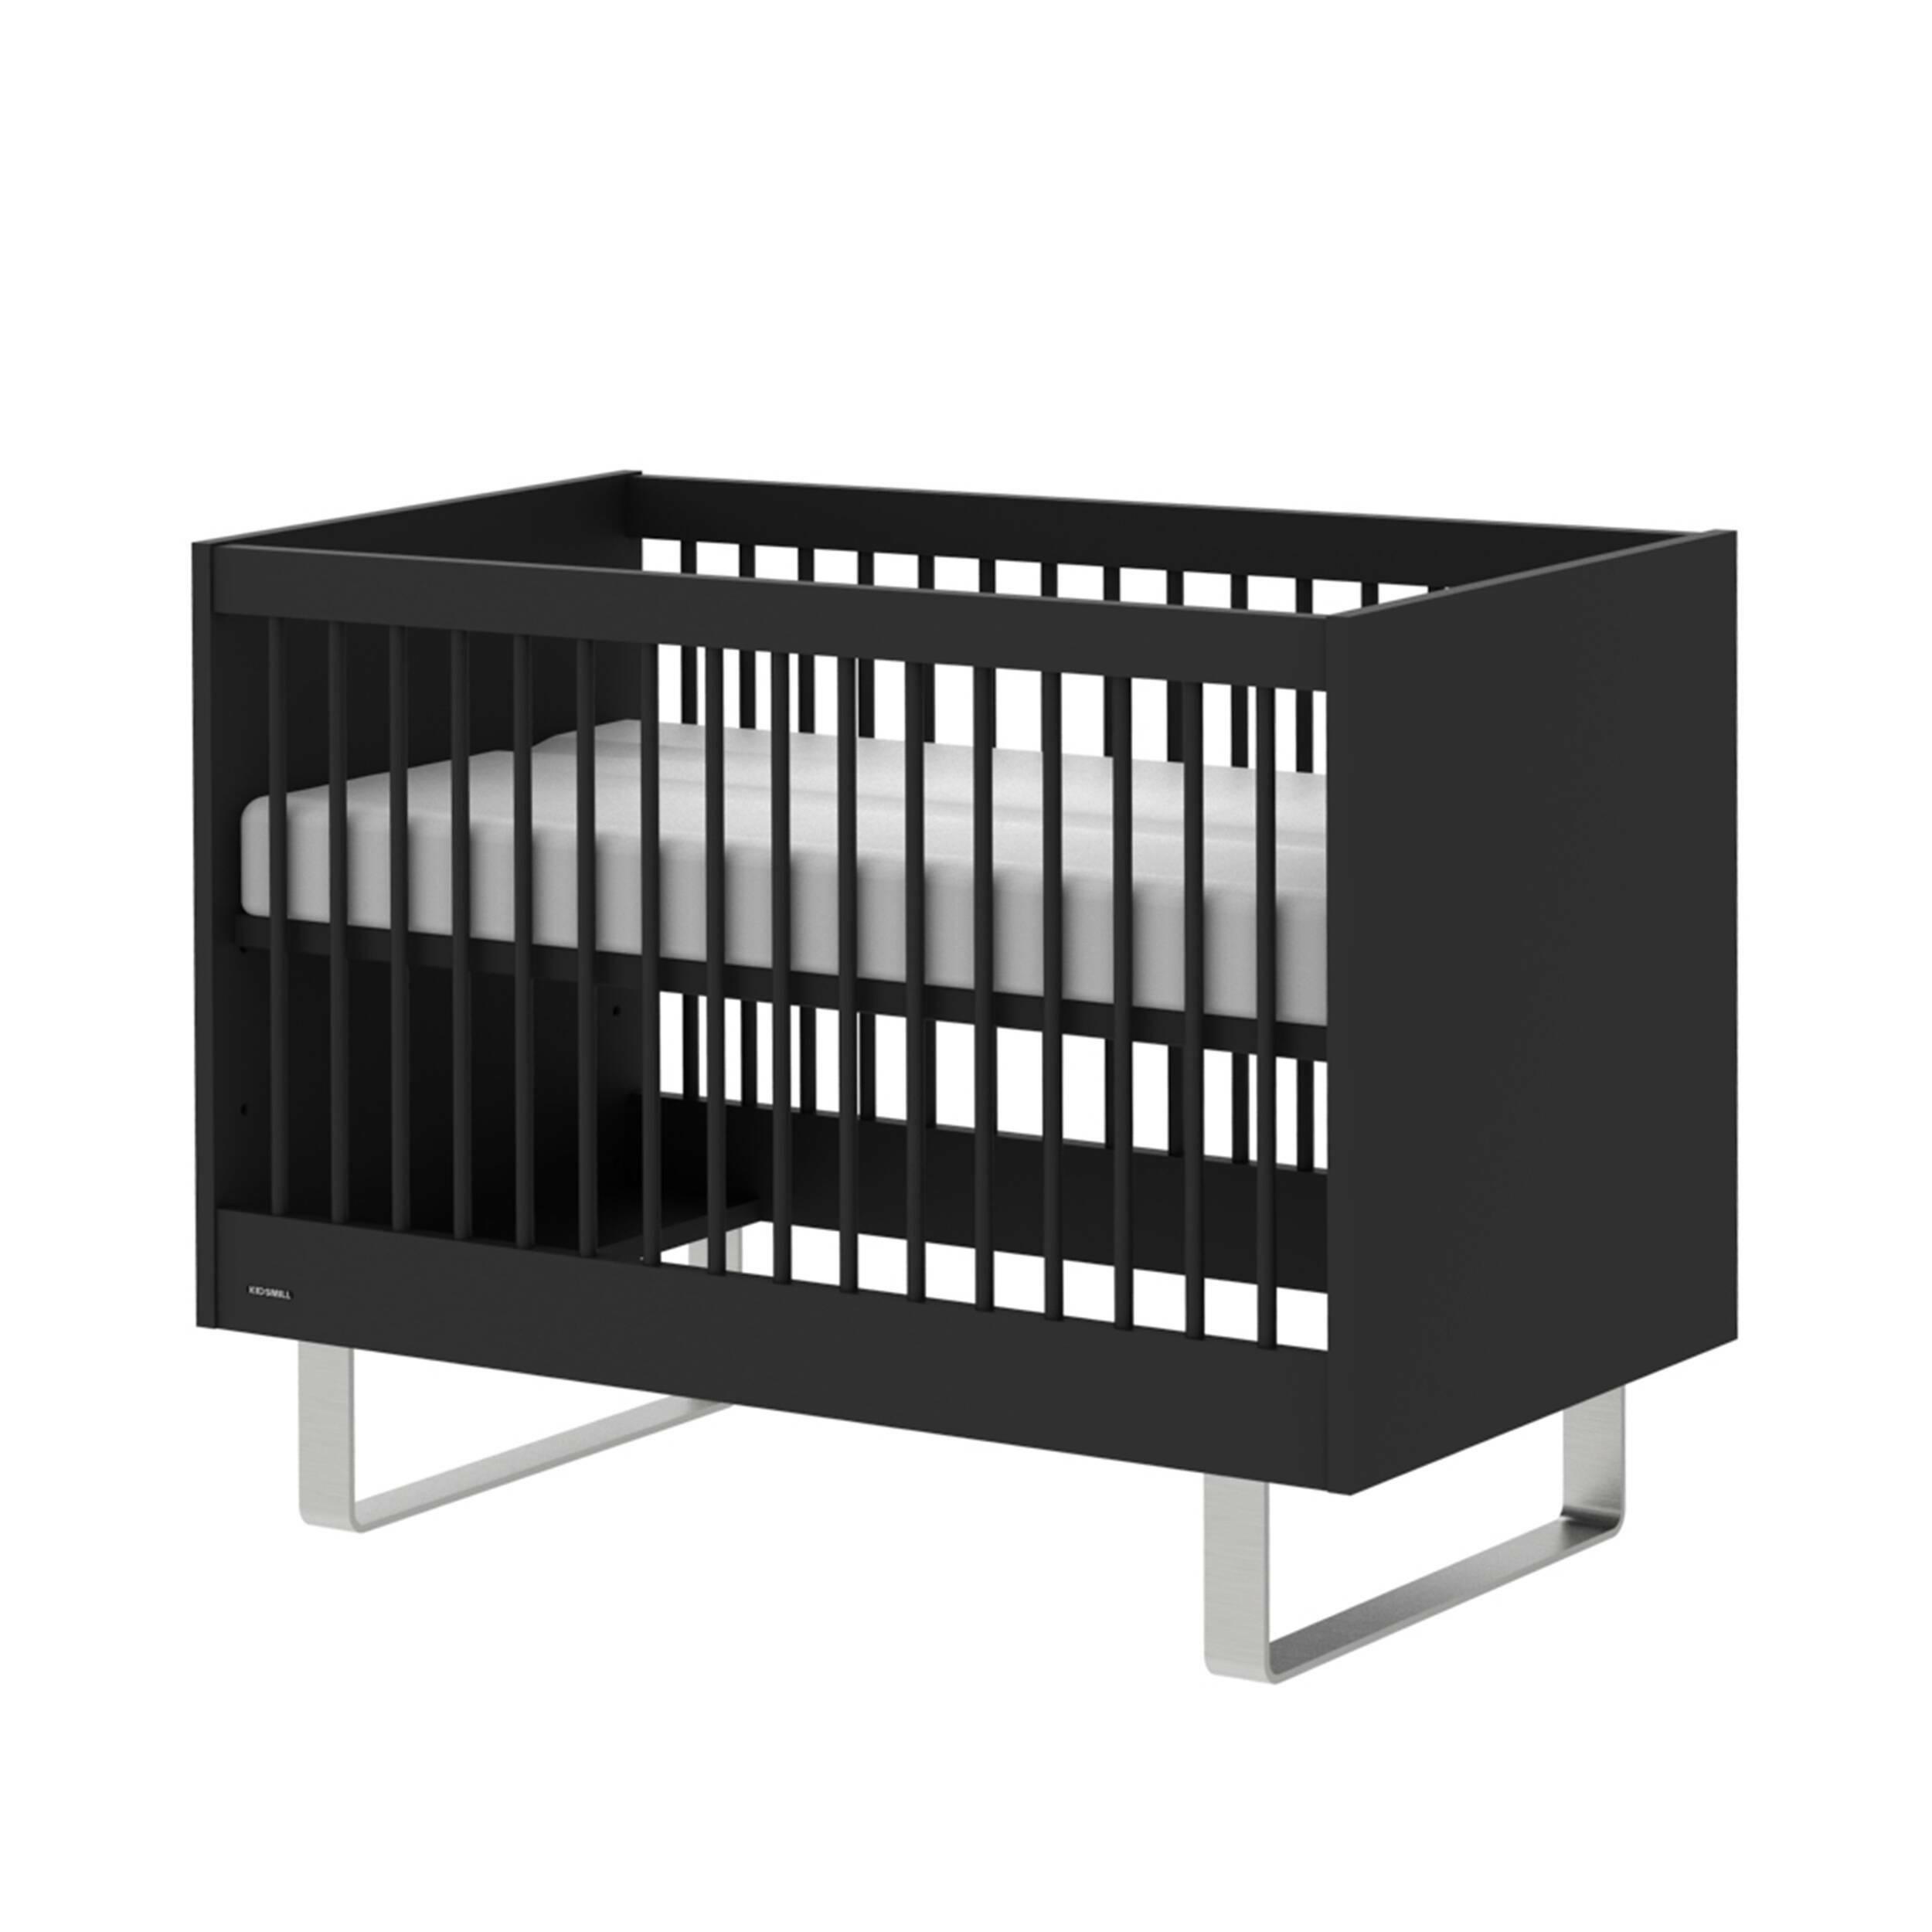 Детская кровать Intense Black, 70х140